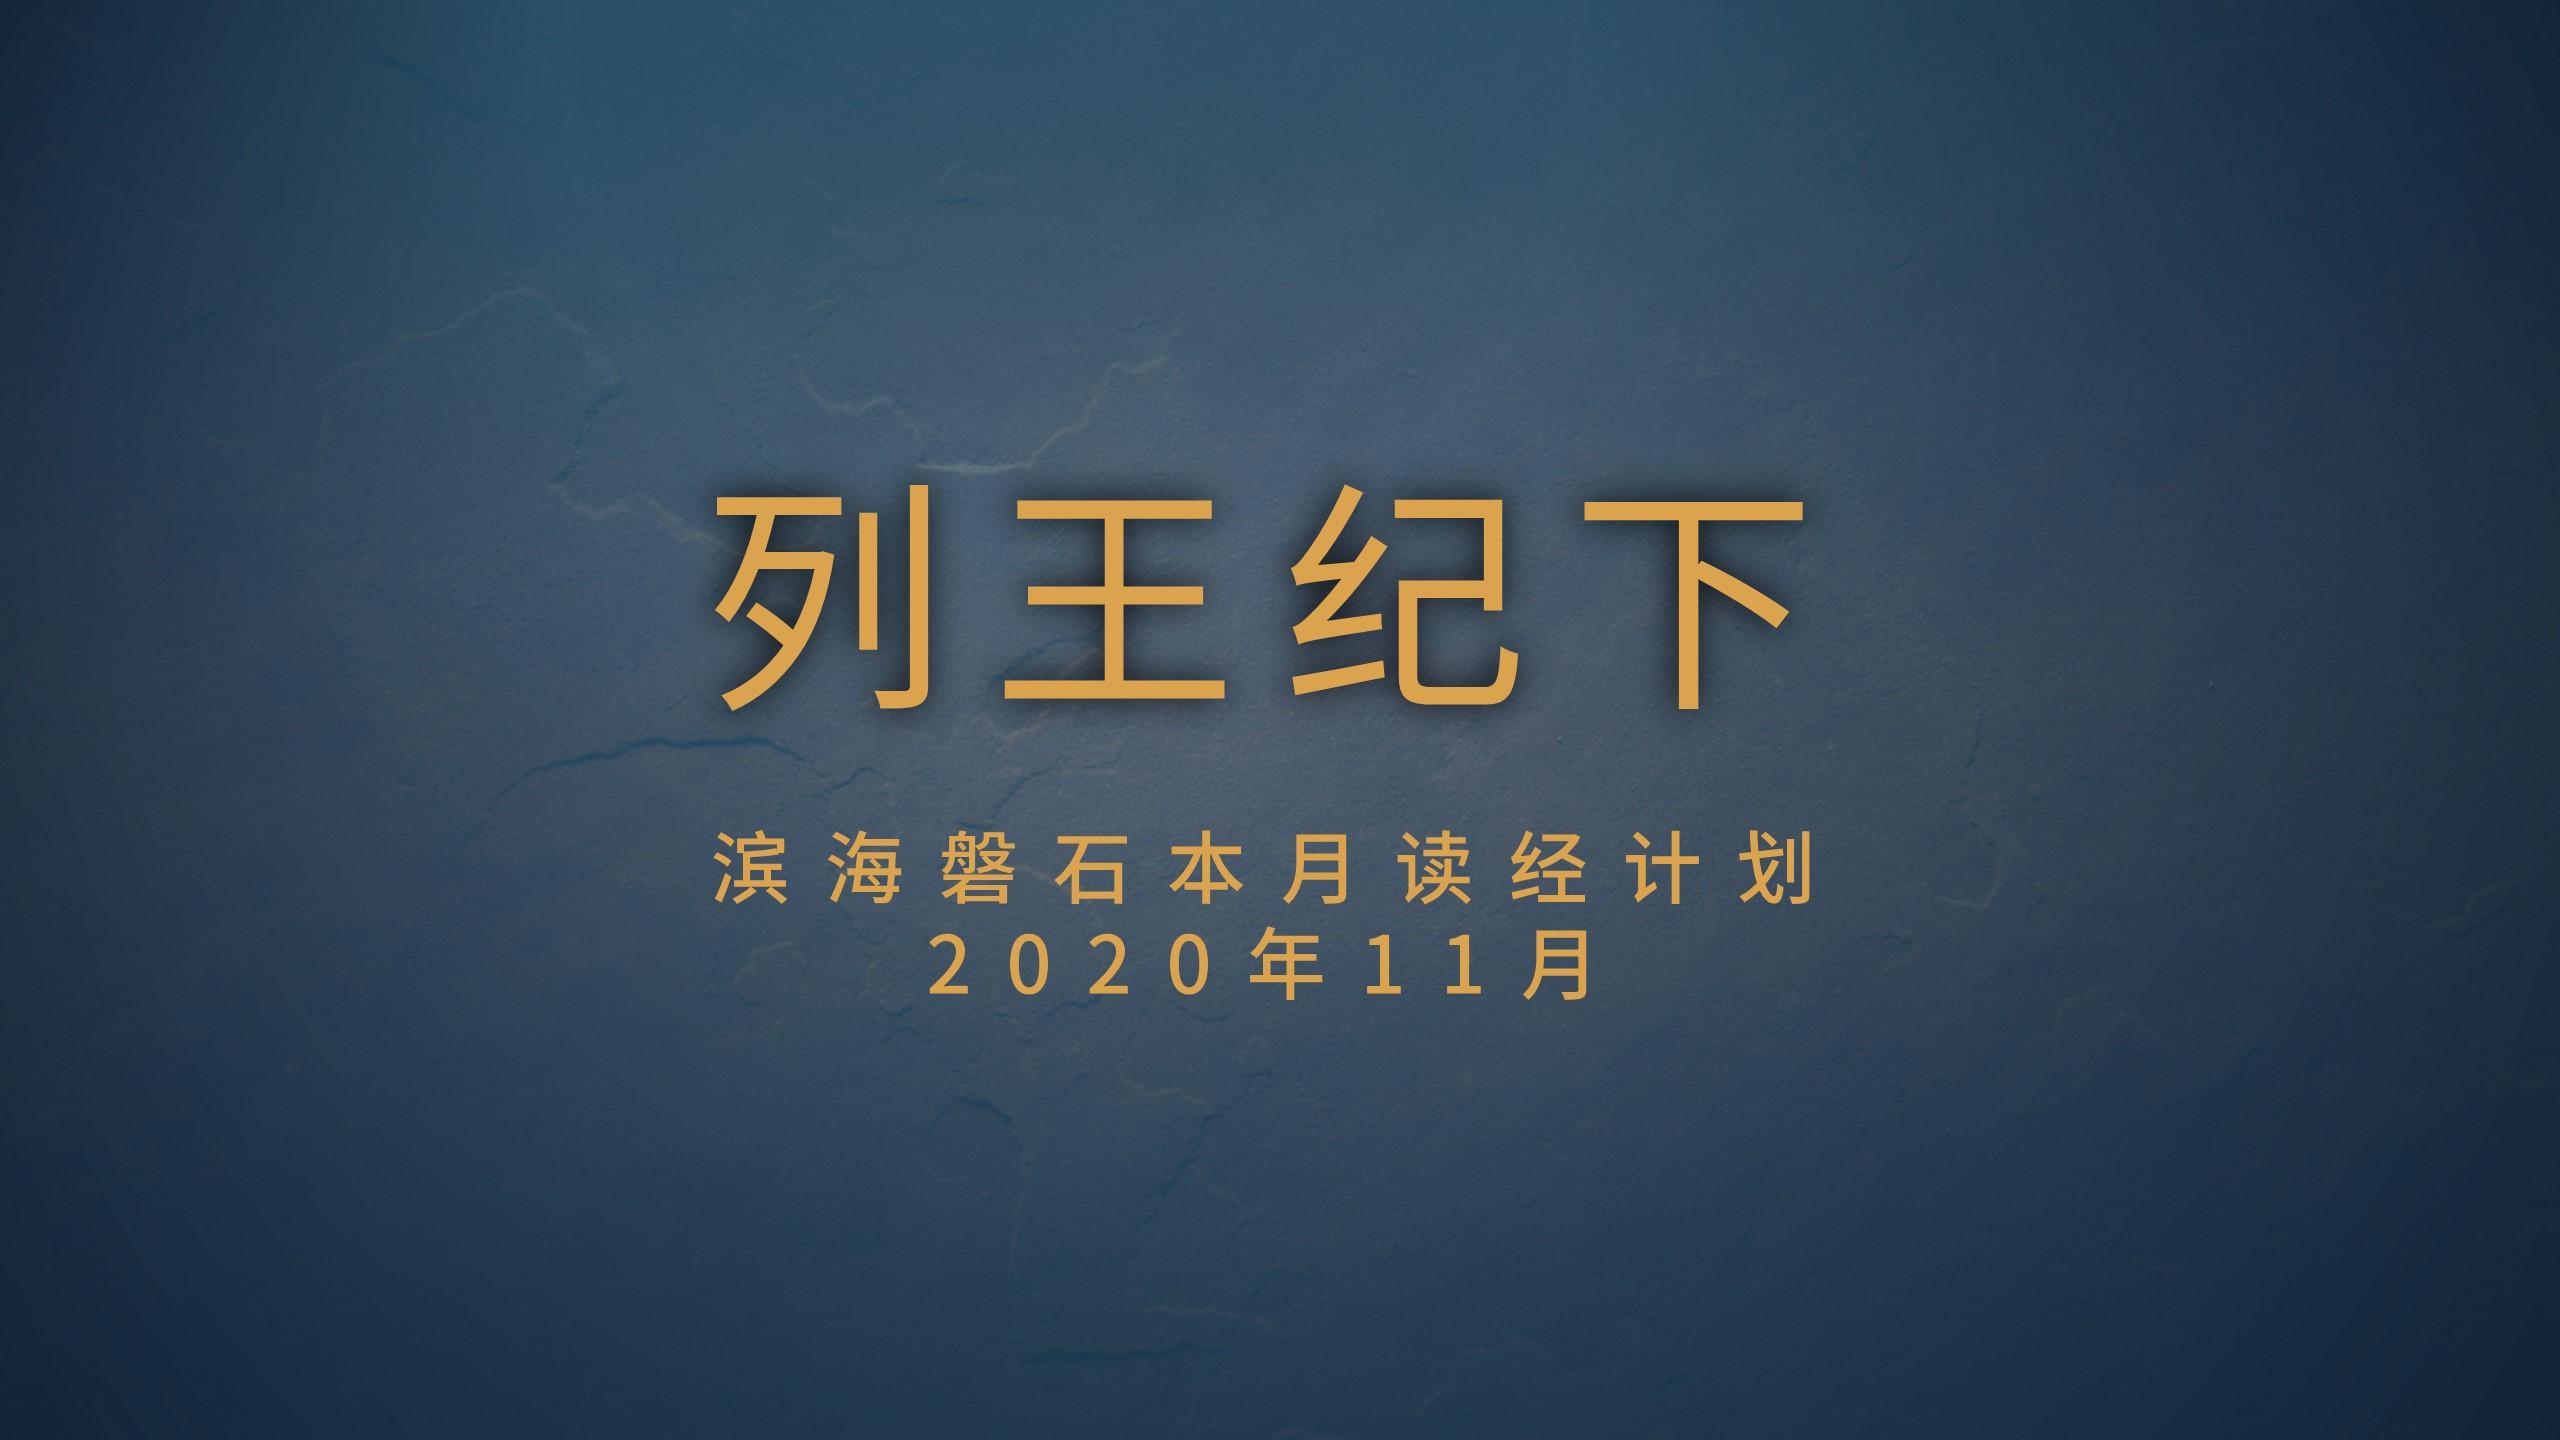 2King_Chn_Web